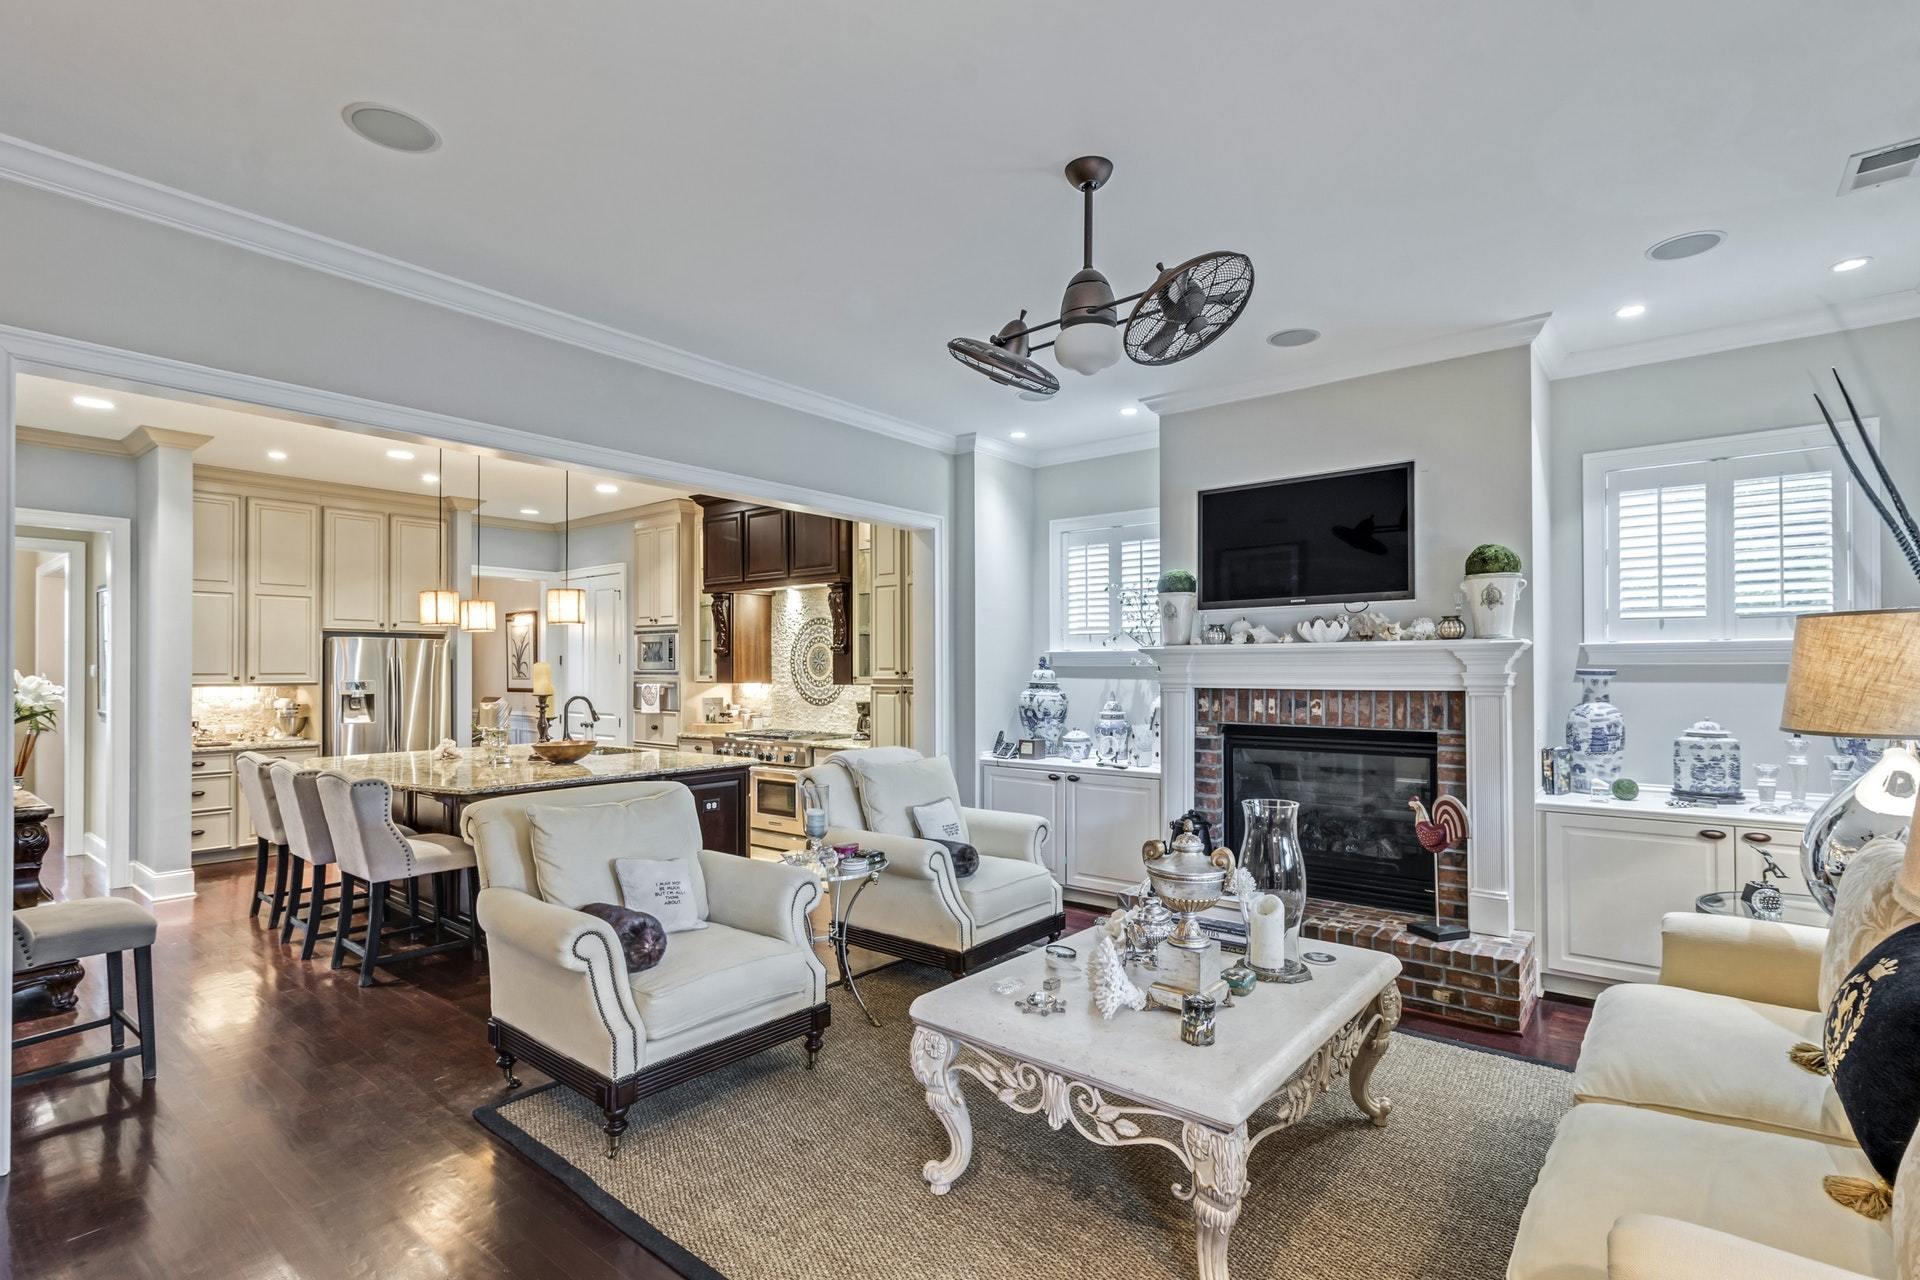 Dunes West Homes For Sale - 2816 River Vista, Mount Pleasant, SC - 8